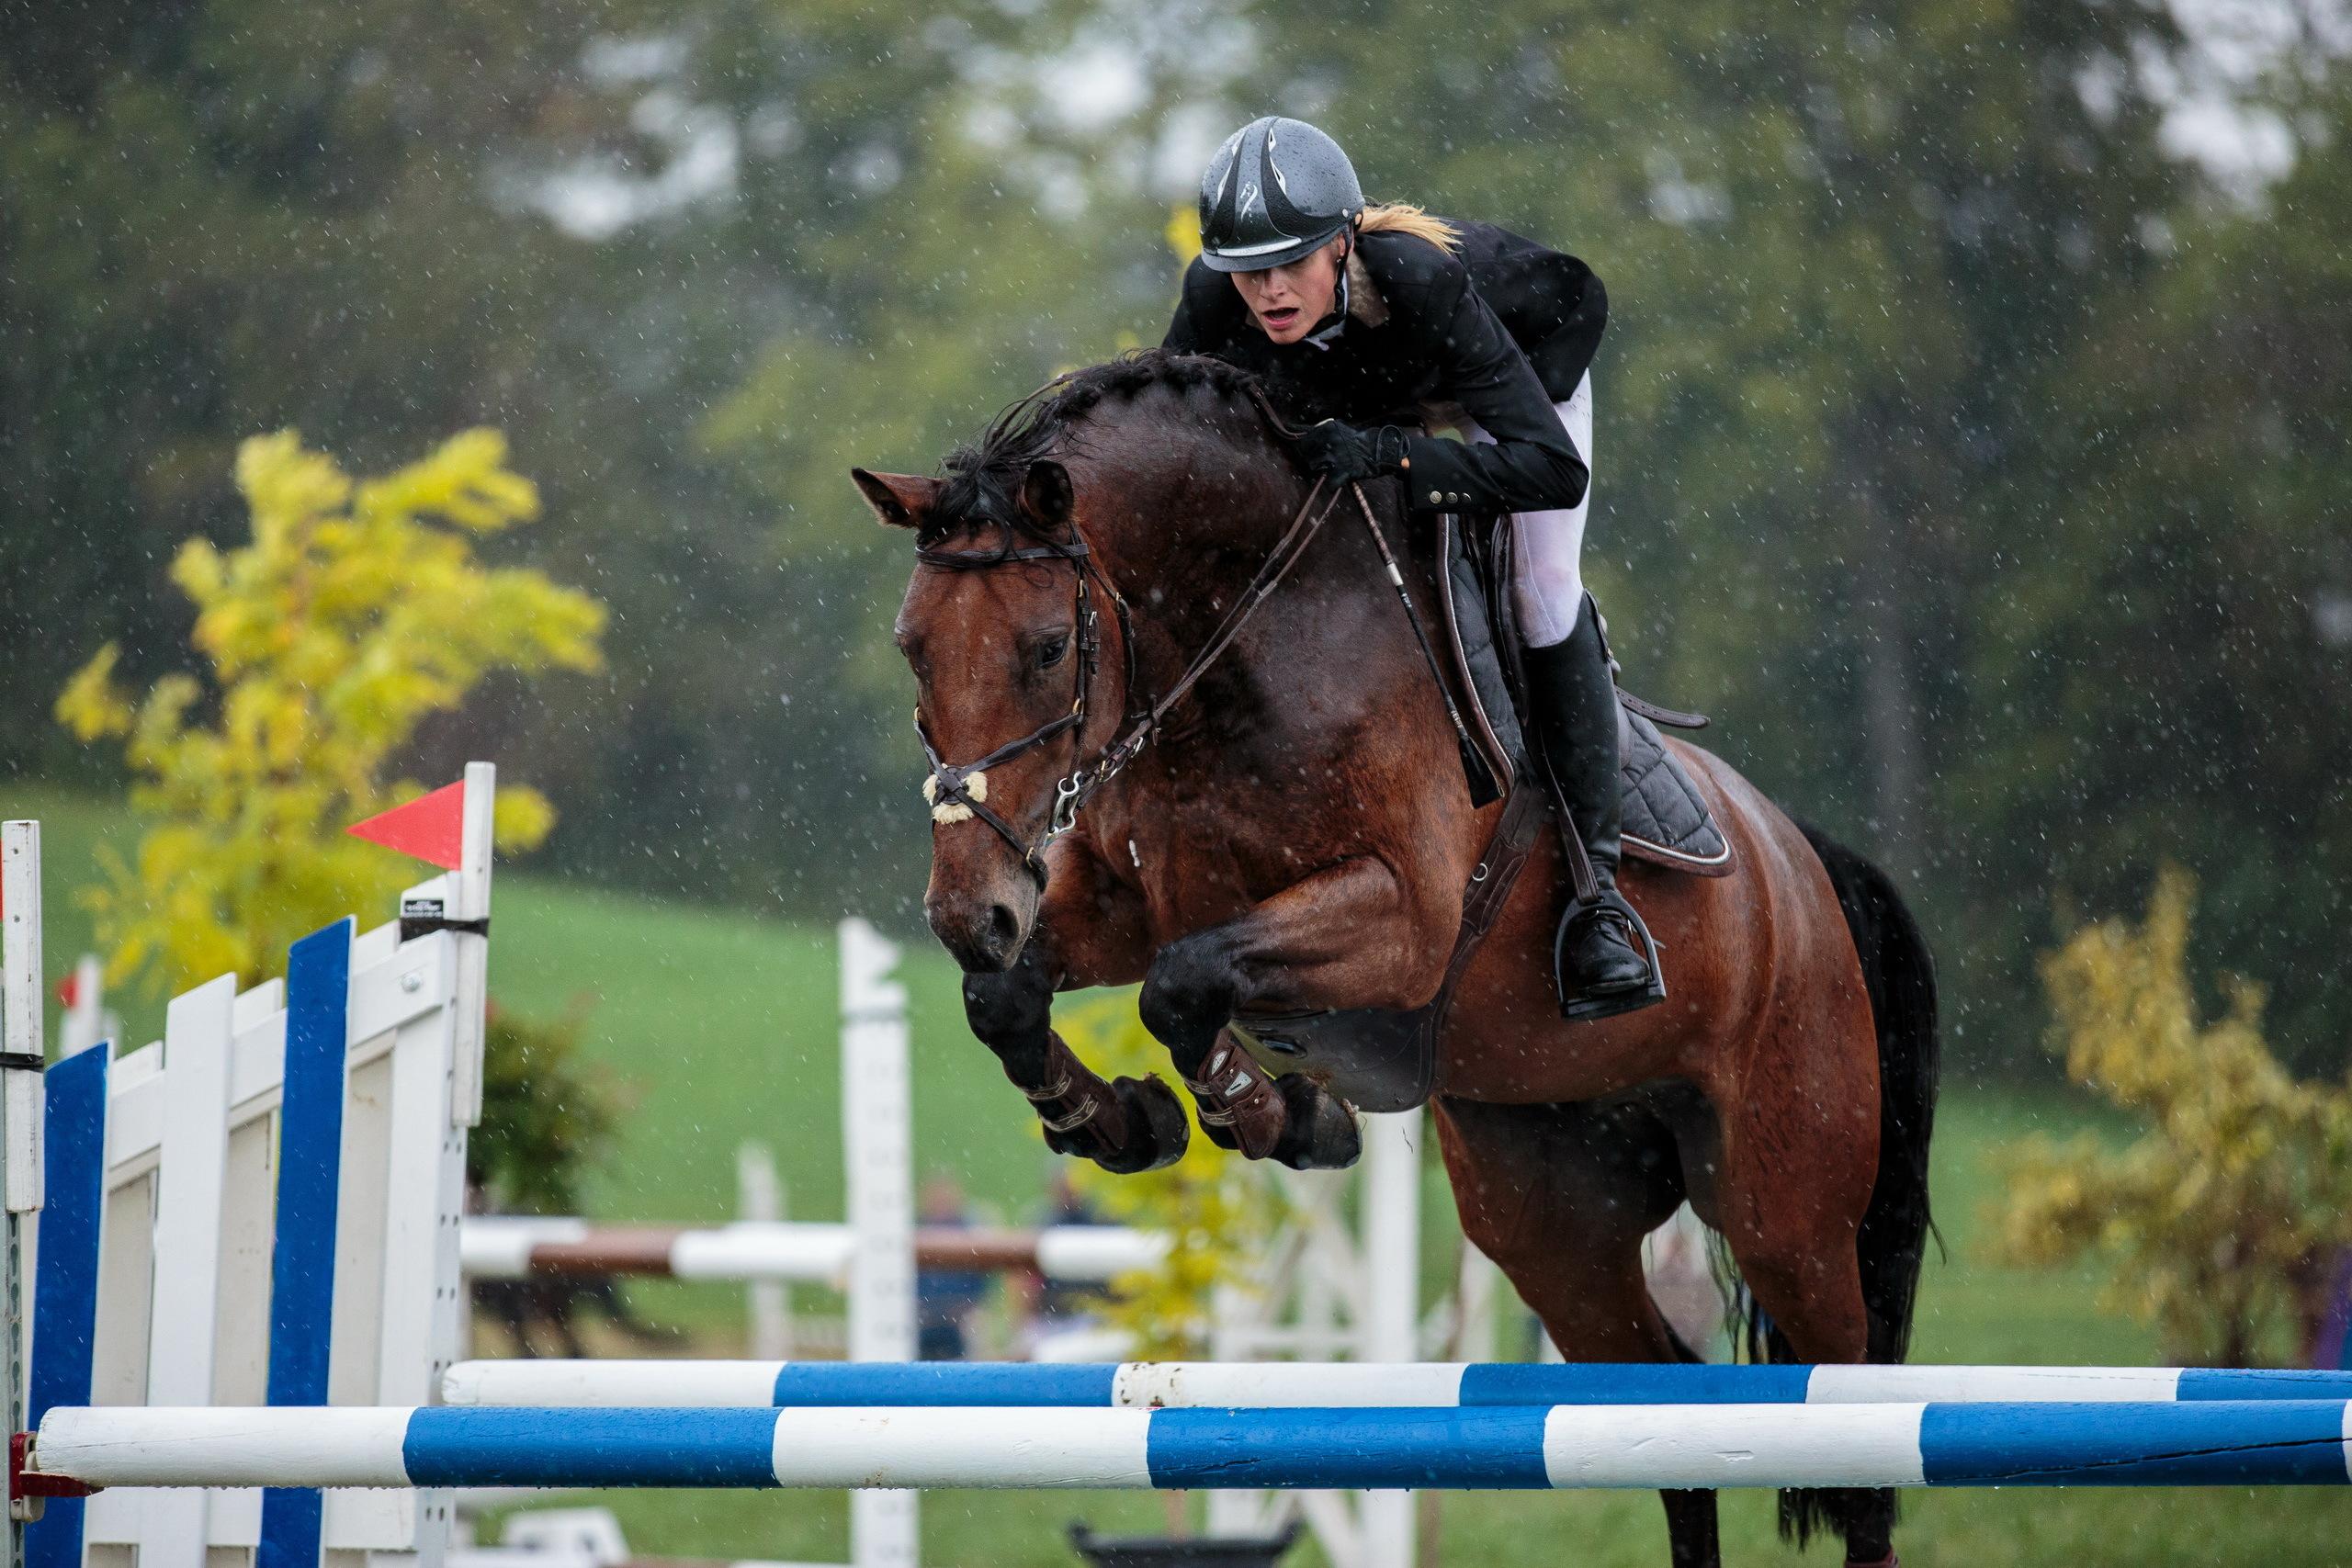 лошадь в прыжке картинка унаследовал родителей высокую